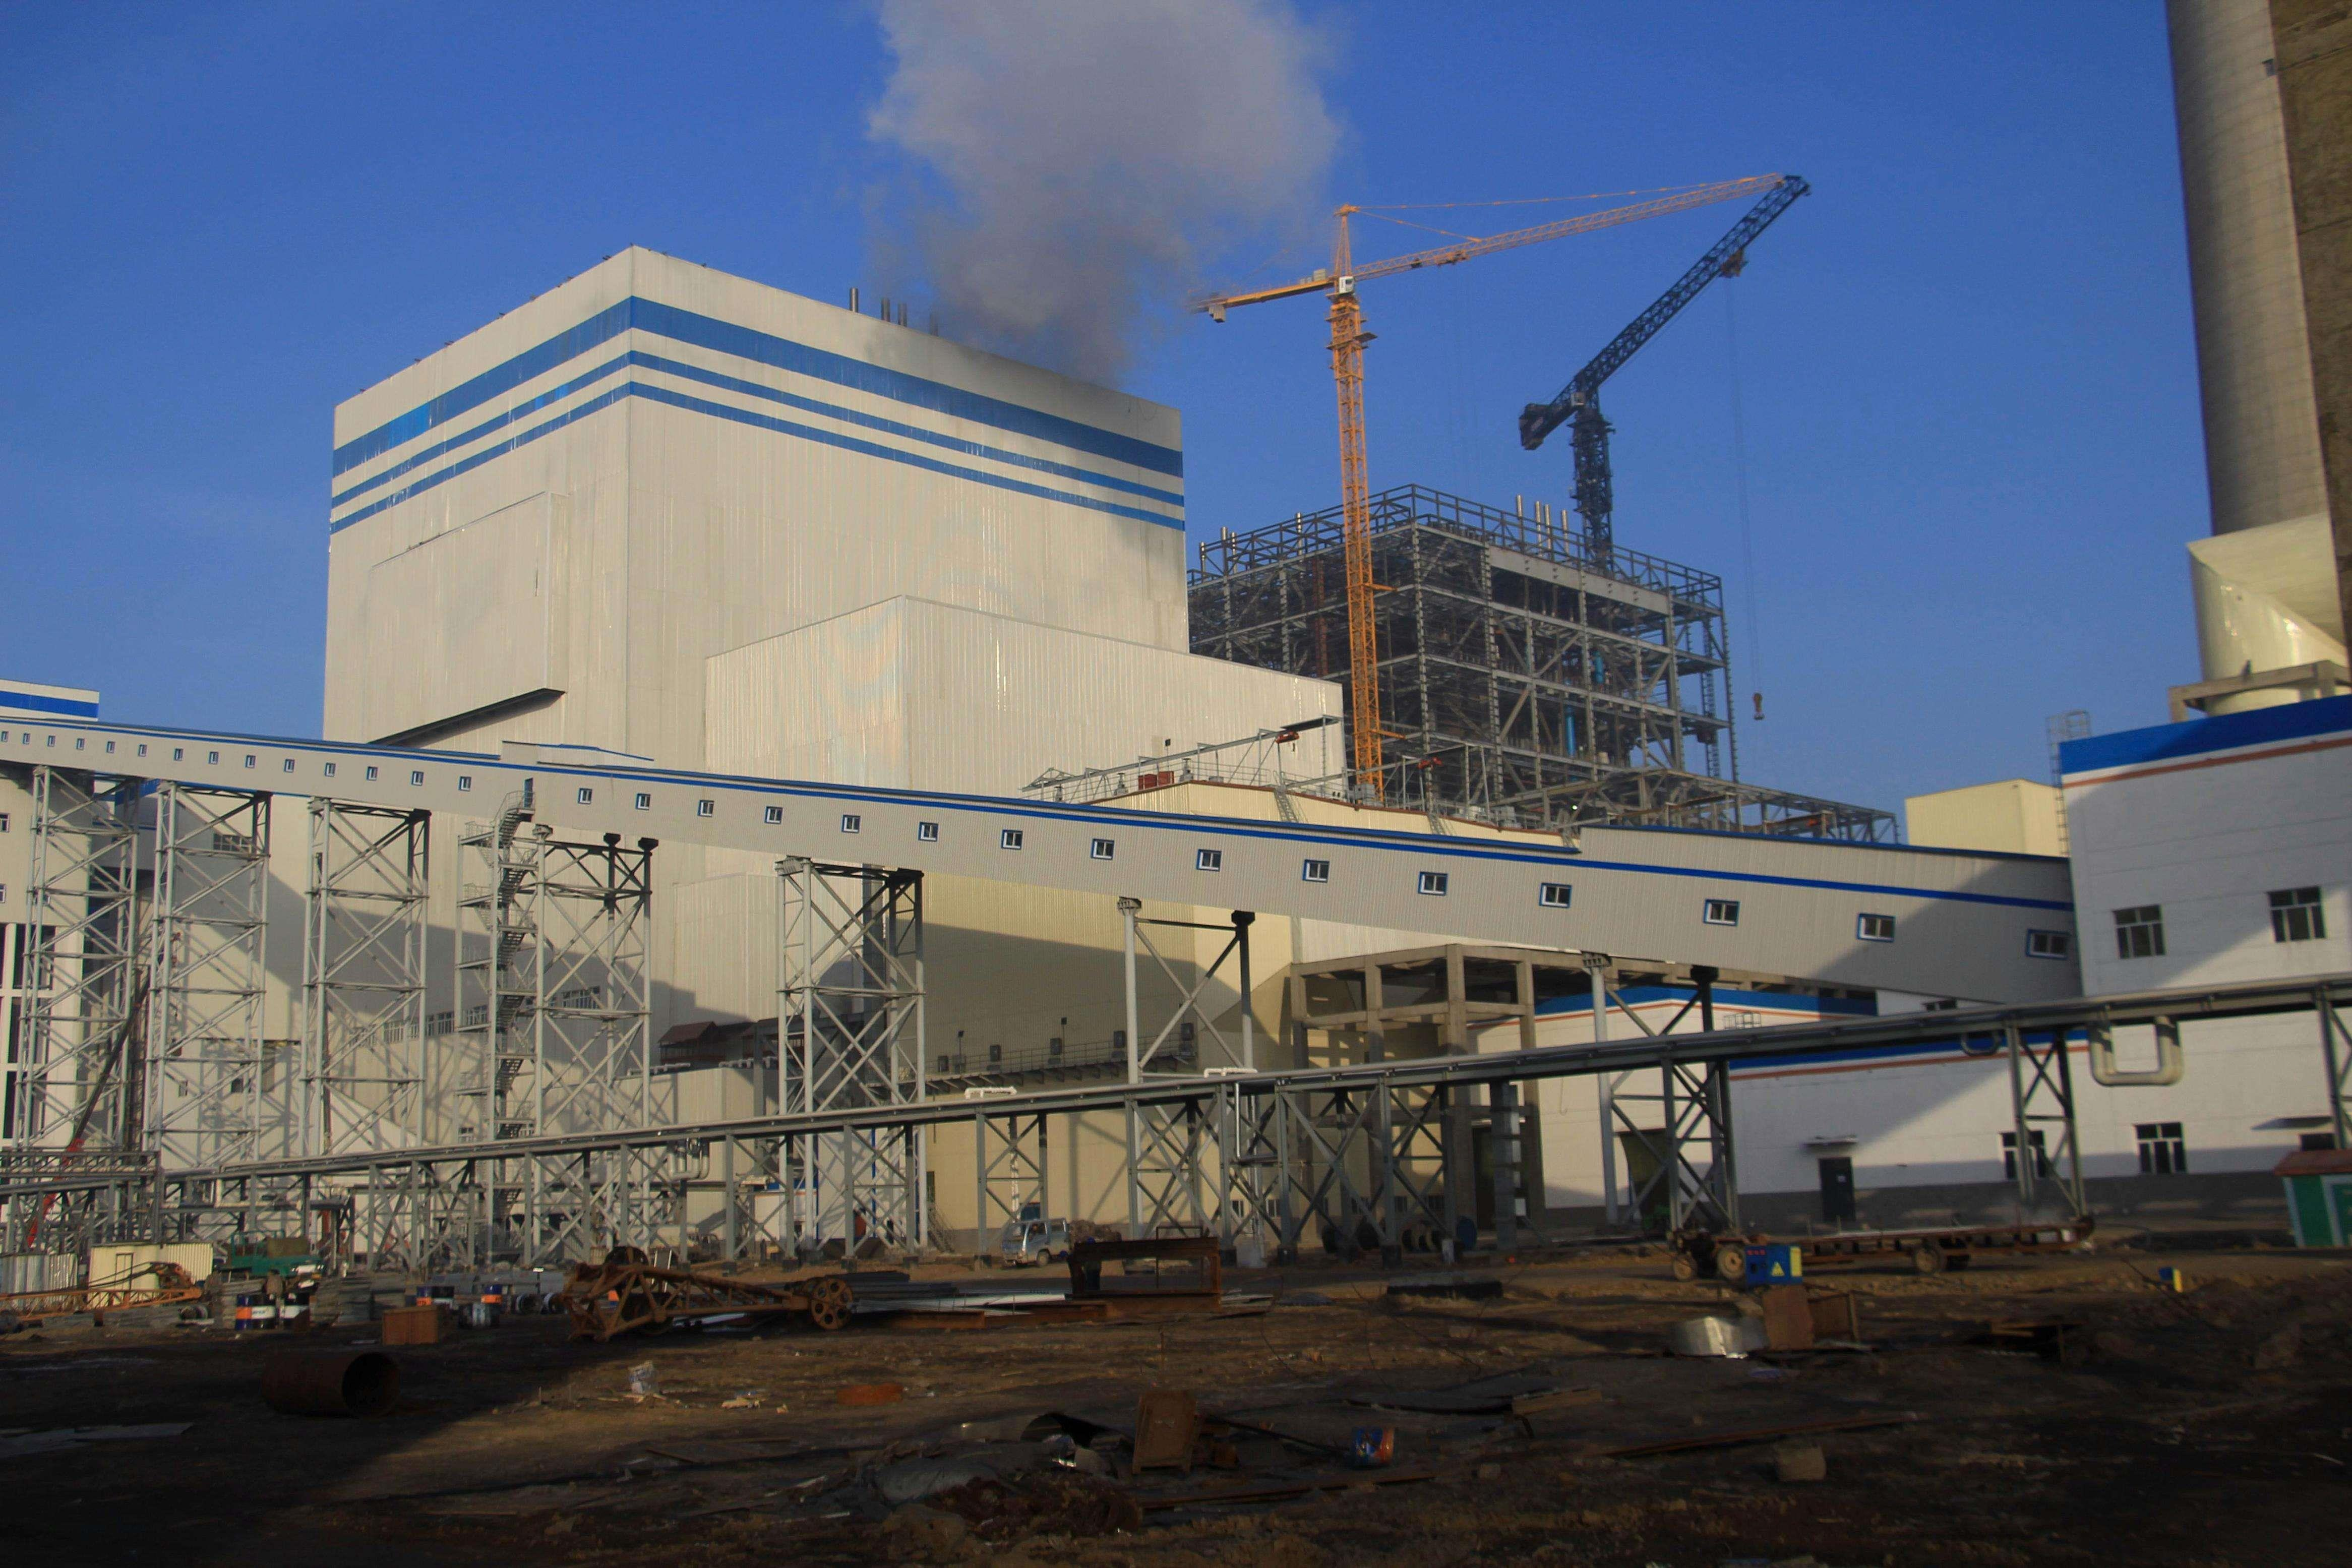 哈尔滨电气上半年净利减4.41% 煤电需求萎缩或将严重影响业绩